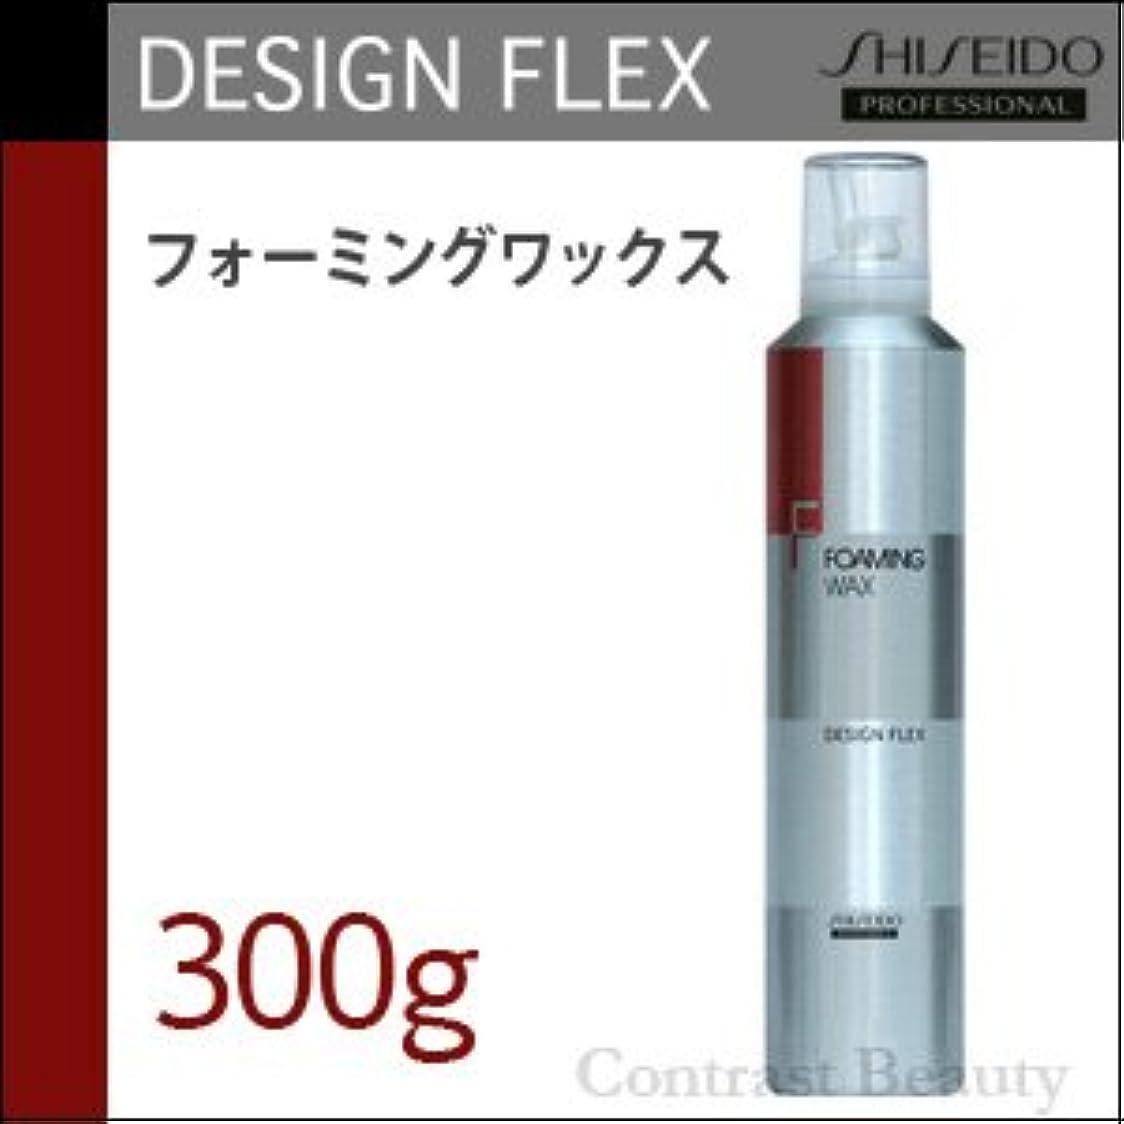 系譜しかしながら霊【x2個セット】 資生堂 デザインフレックス フォーミングワックス 300g